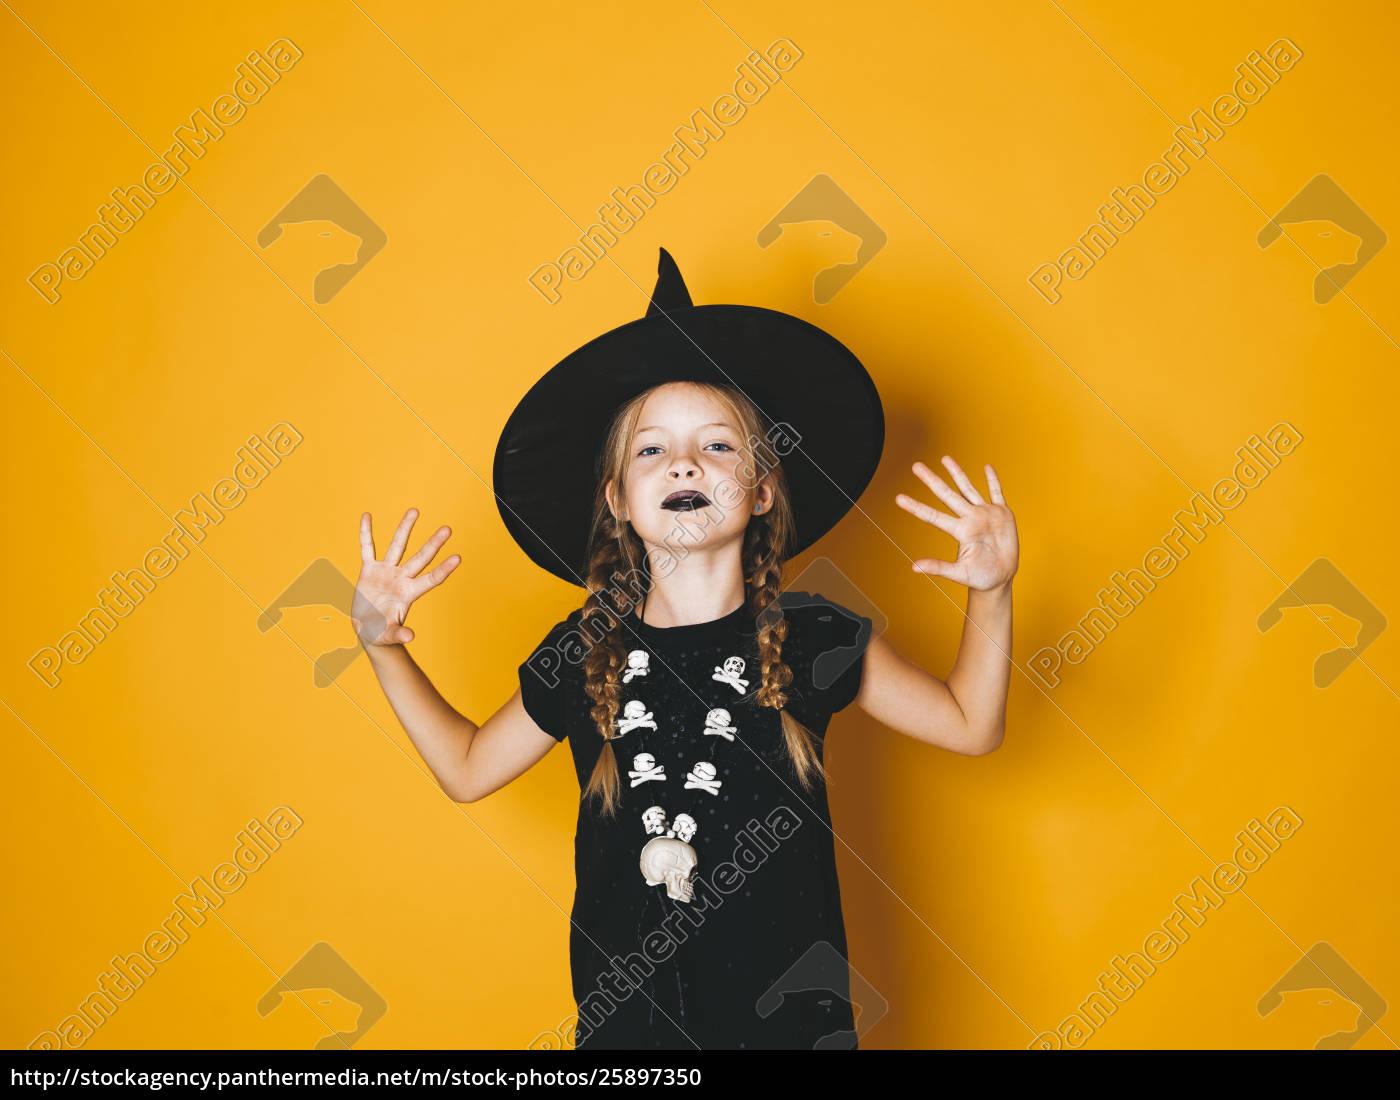 Stockfoto 25897350 Junge Halloween Hexe Auf Orangefarbenem Hintergrund Mit